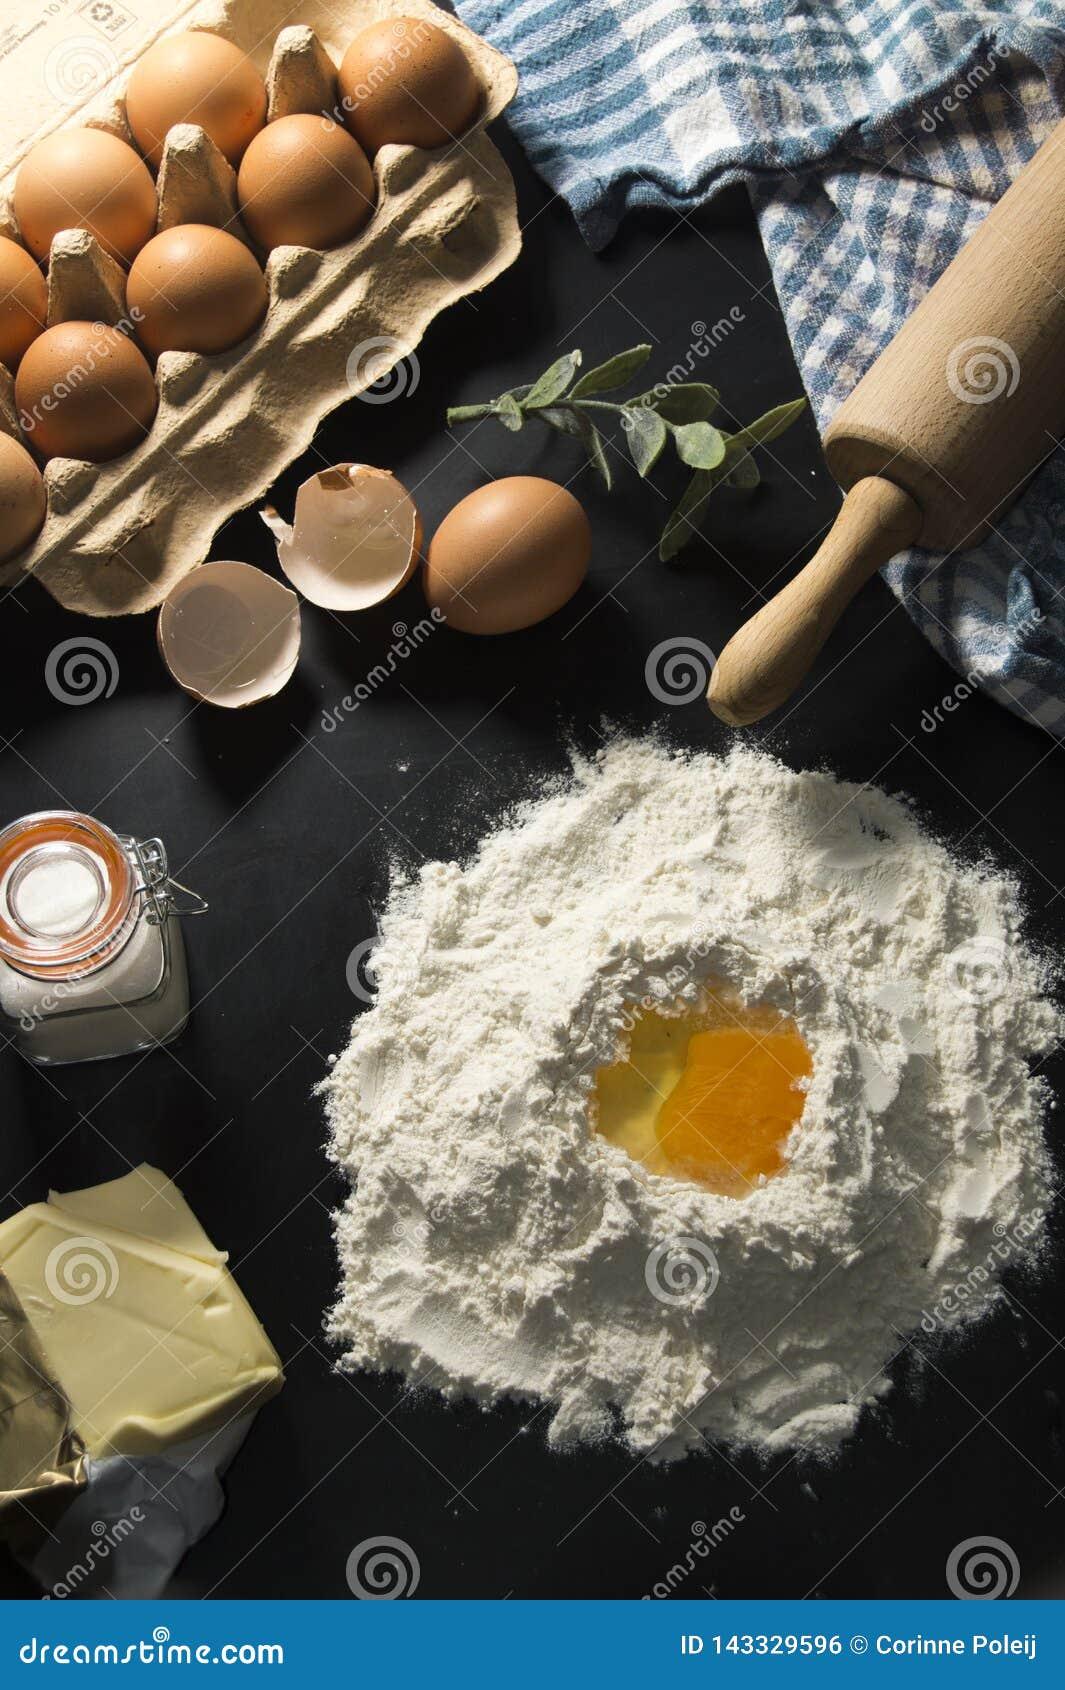 Ingrediënten van het maken van een tot cake of een pastei, met eieren, suiker en boter